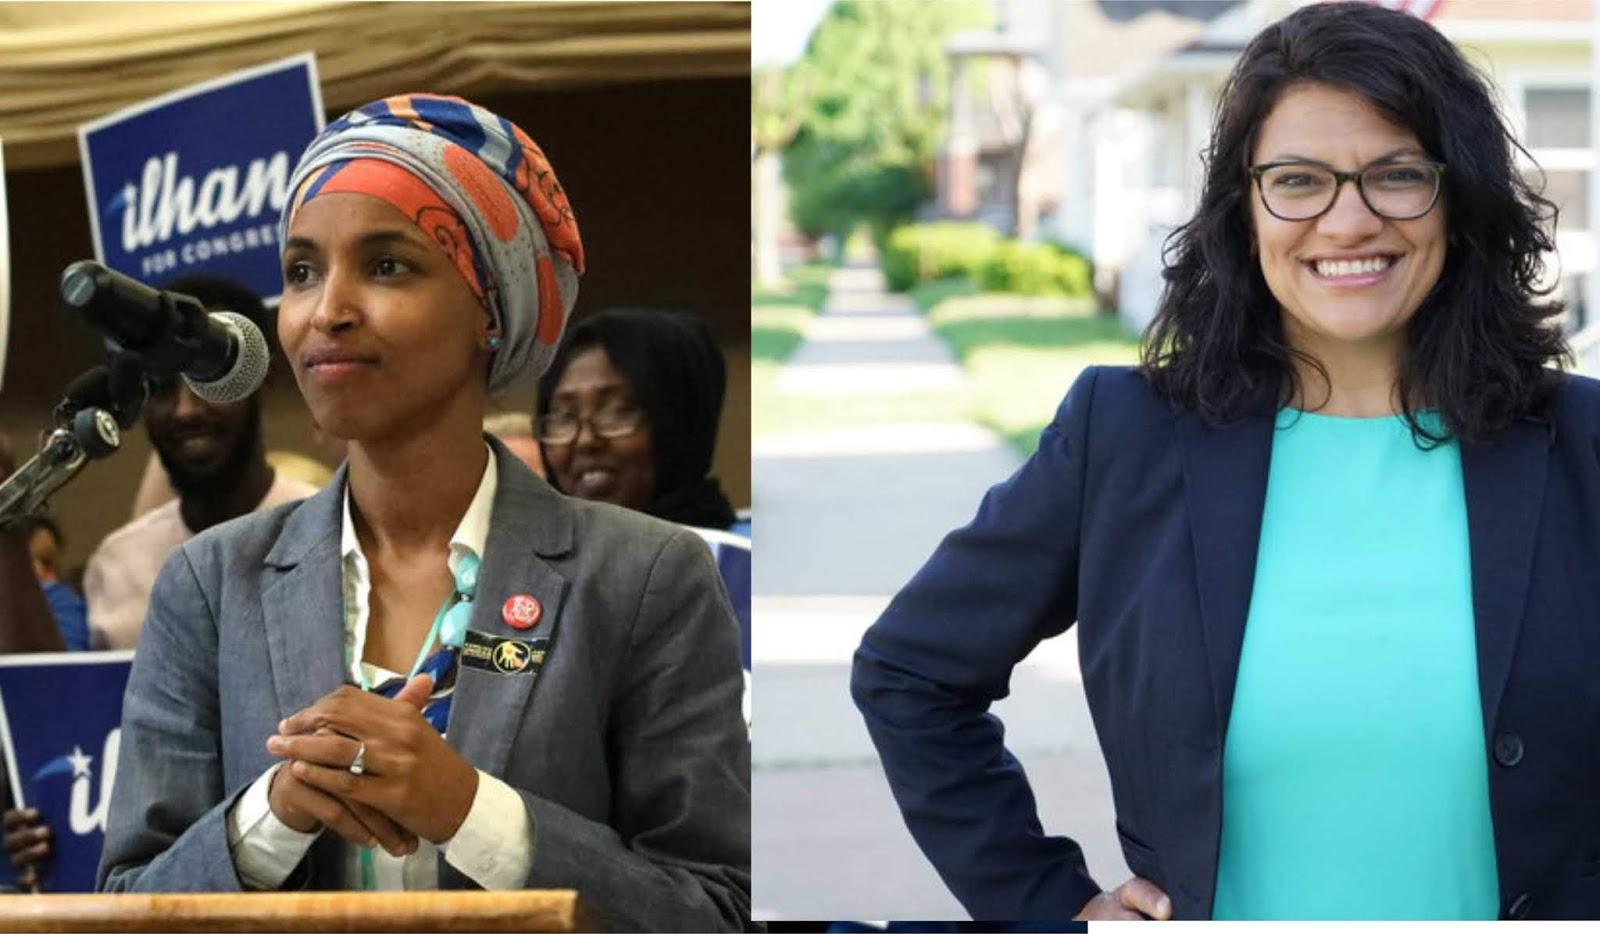 Untuk pertama kalinya, dua wanita Muslim terpilih ke Kongres AS